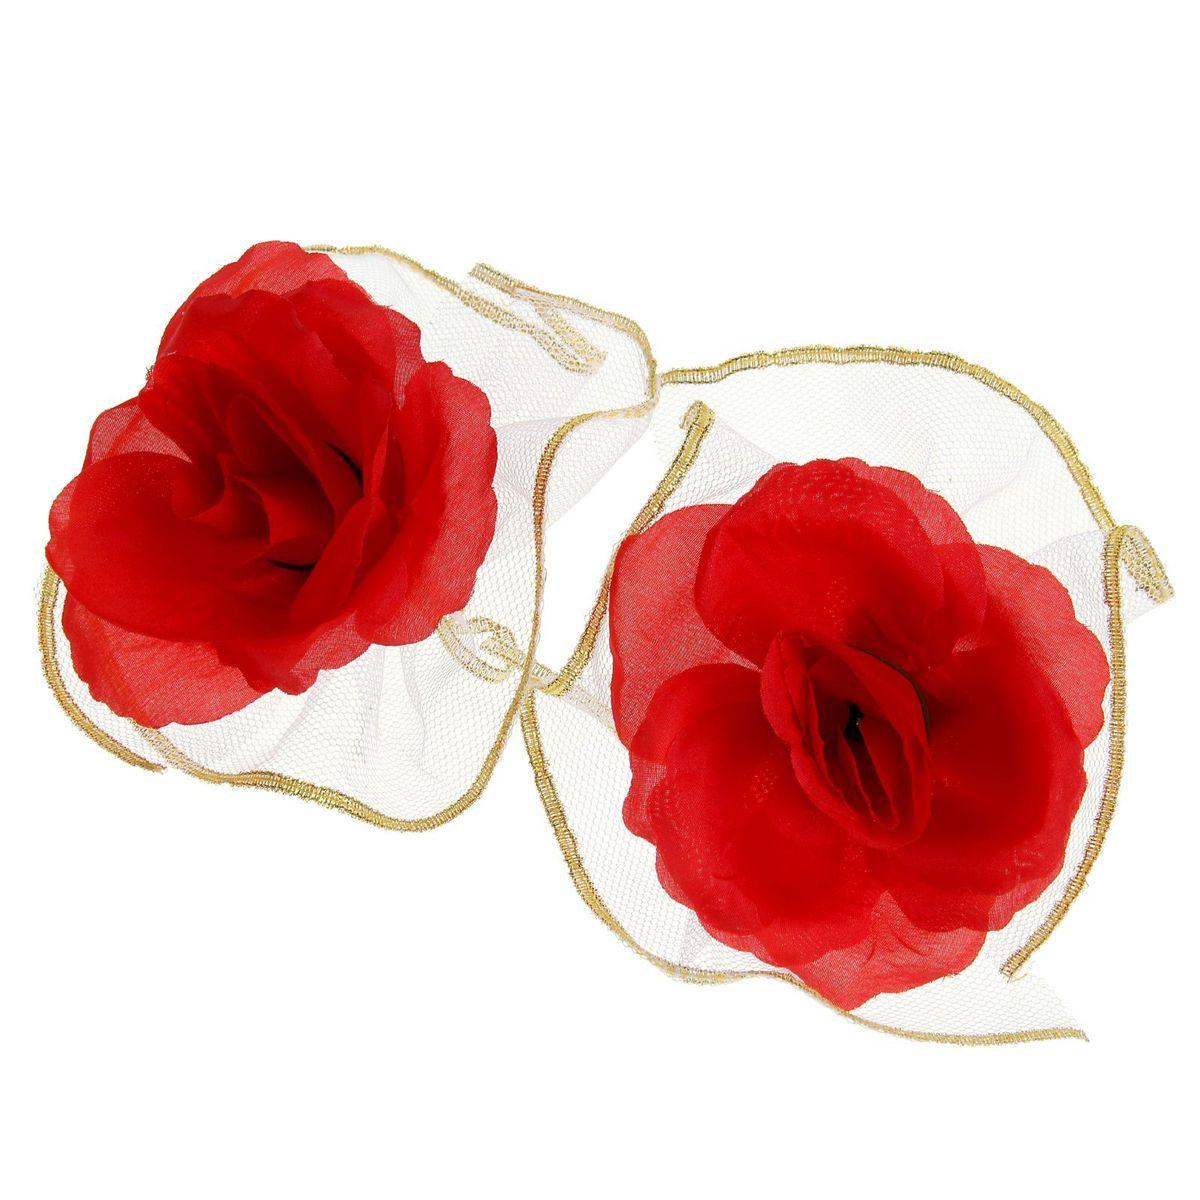 Набор красных роз для украшения свадебного авто Sima-land, 9 x 12 x 3,5 смNLED-454-9W-BKЧудесный набор для декора свадебного автомобиля состоит из двух цветов на лентах в окружении пышной белой оборки. Украсьте с его помощью ручки машины, зеркала или капот. Также это набор можно использовать для оформления зала и свадебных бокалов, что поможет создать неповторимую атмосферу праздника.Дарите радость себе и близким с красивыми аксессуарами.